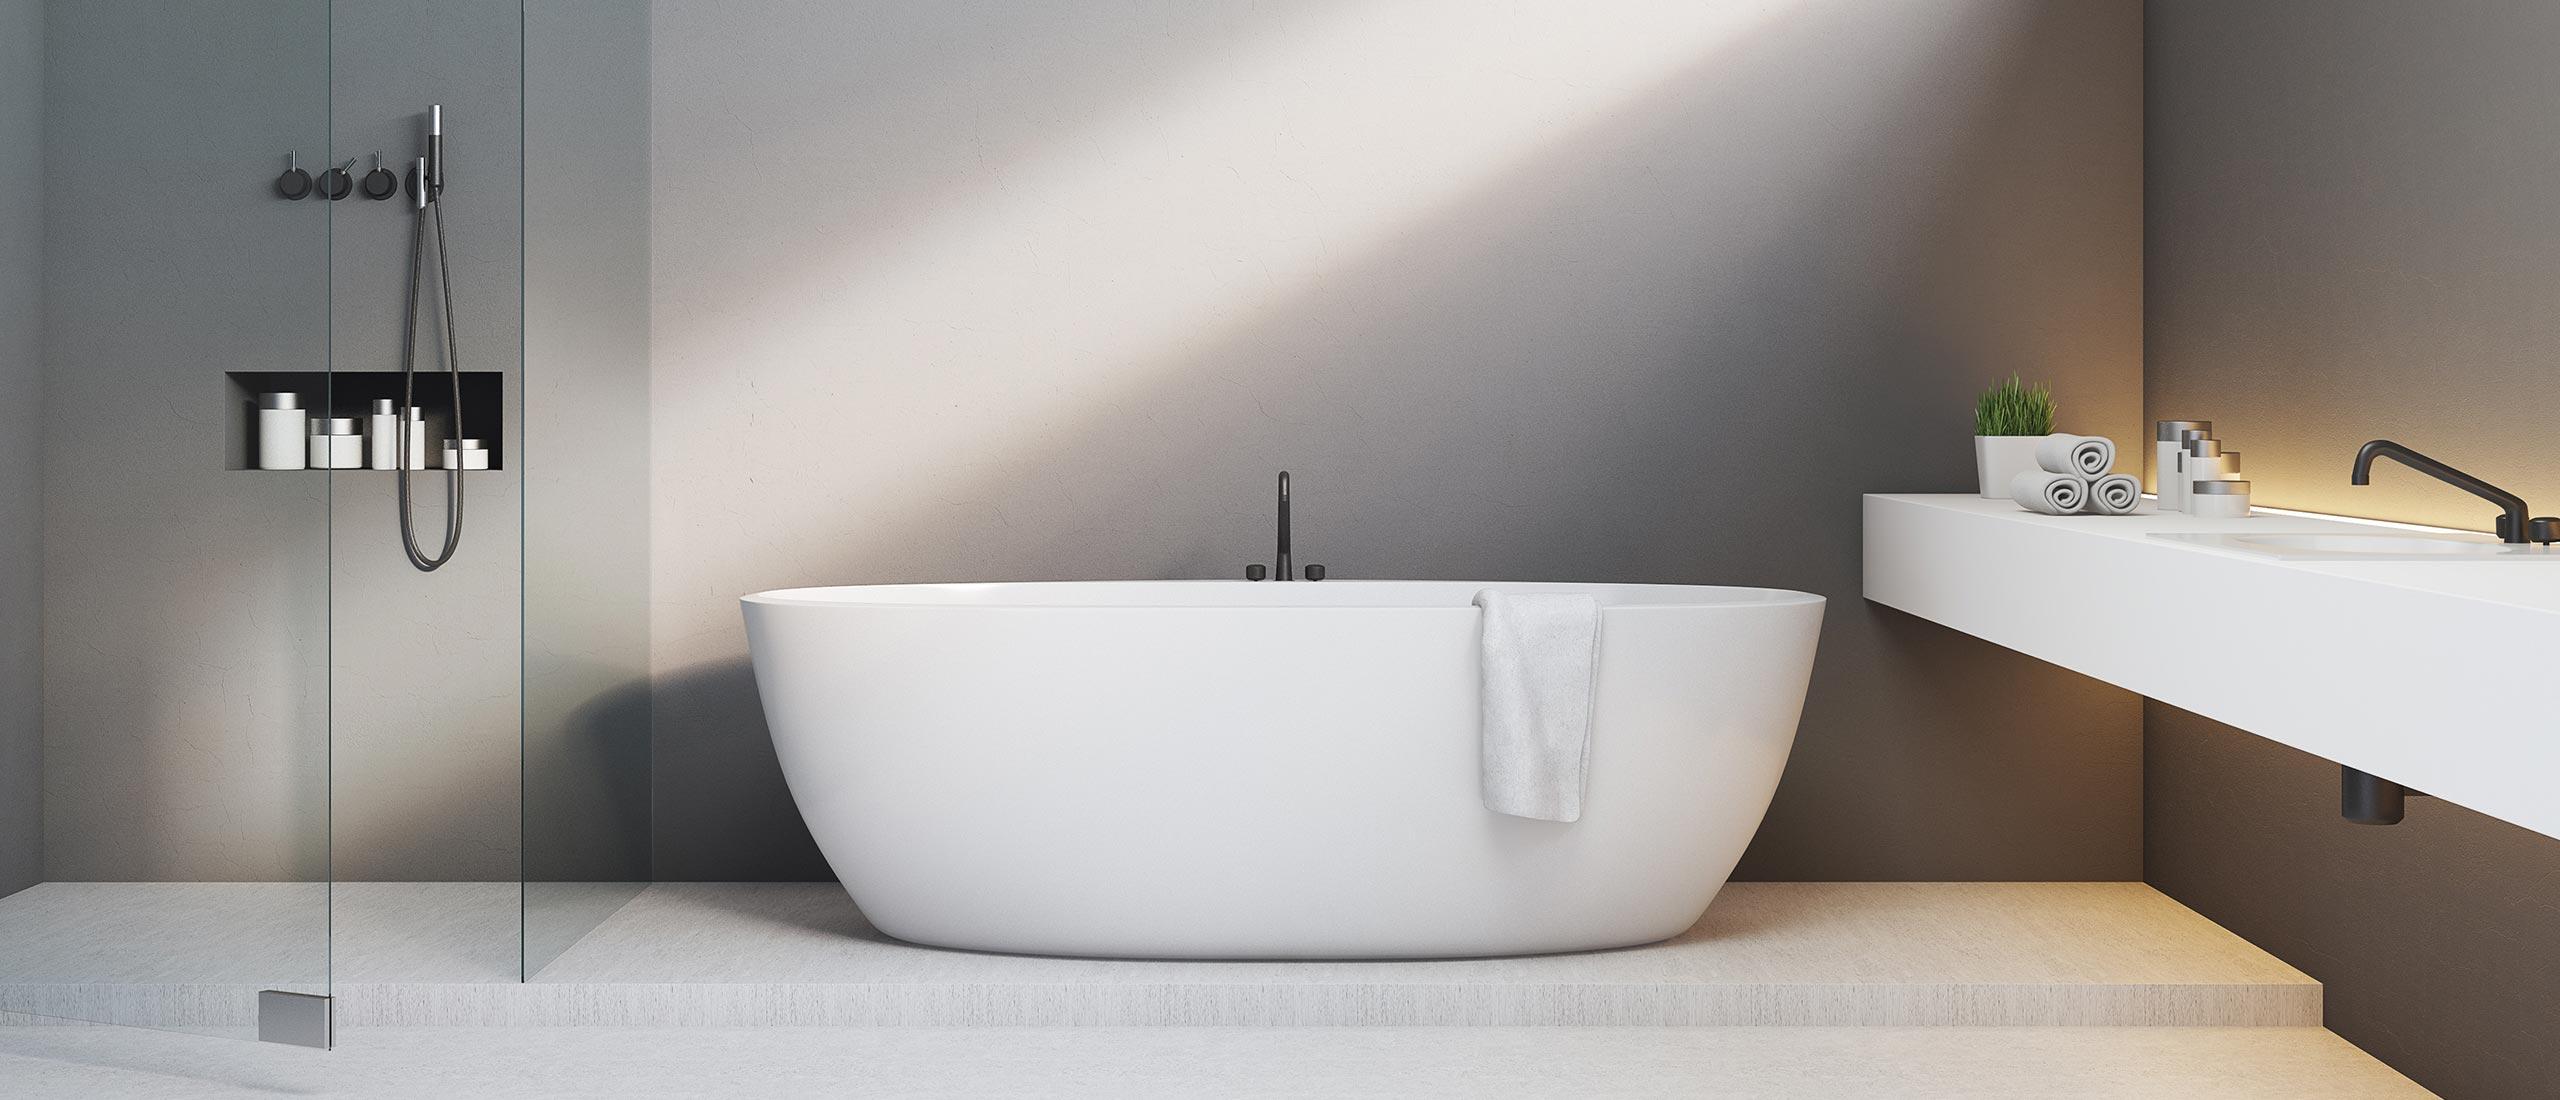 Badkamer verbouwen door de installateur uit Huizen